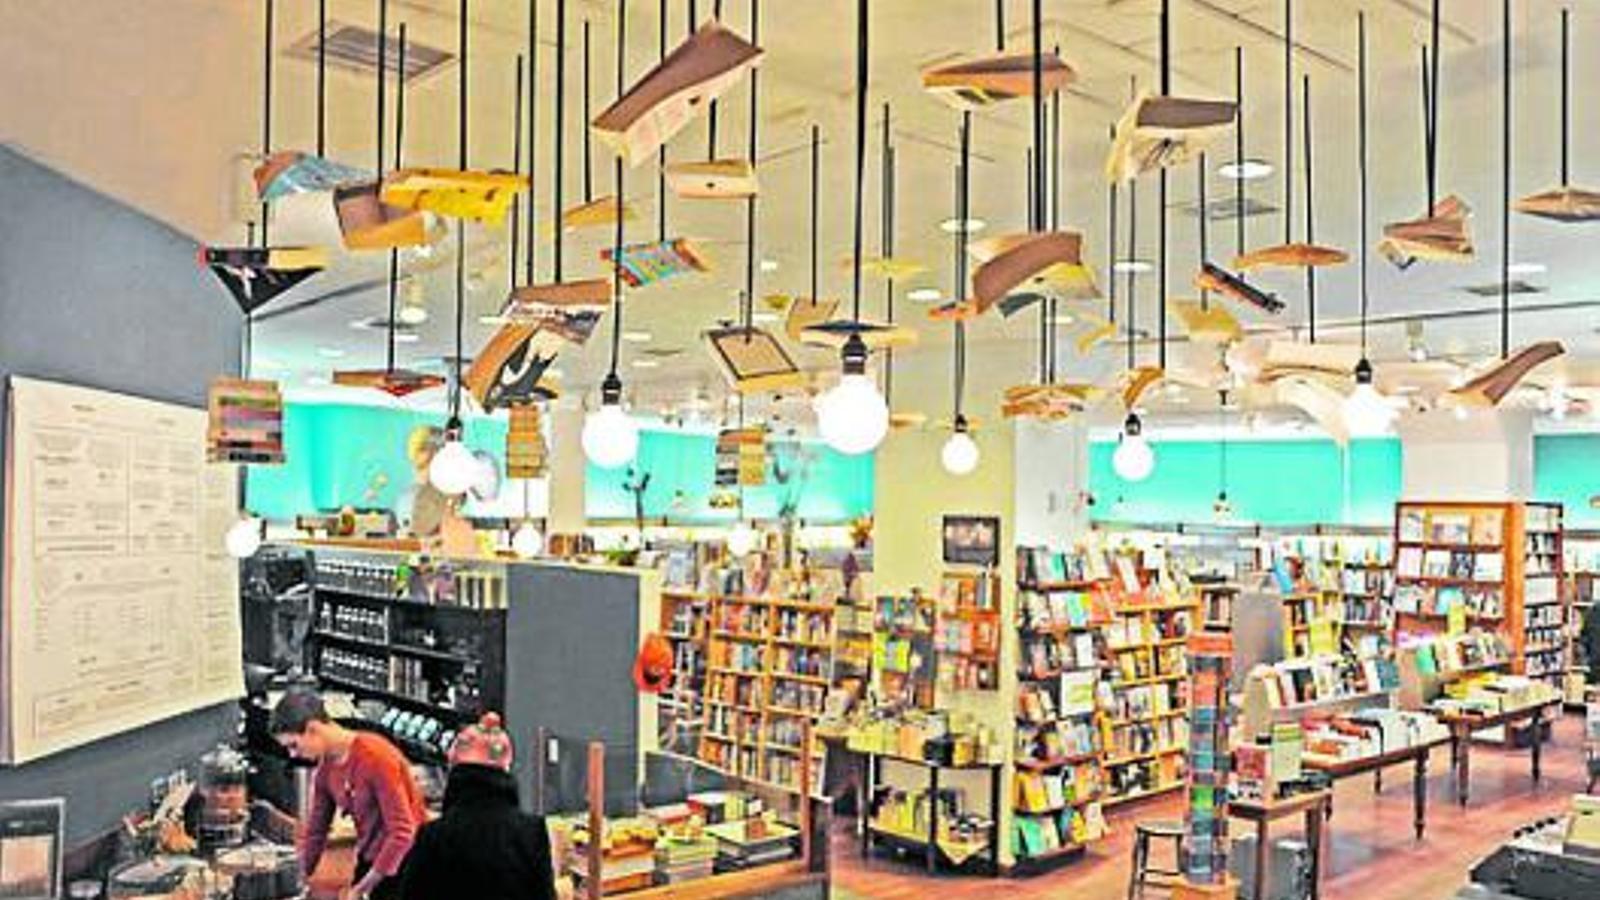 La llibreria McNally Jackson és un dels espais on es poden trobar més lletraferits novaiorquesos. / YVONNE BROOKS